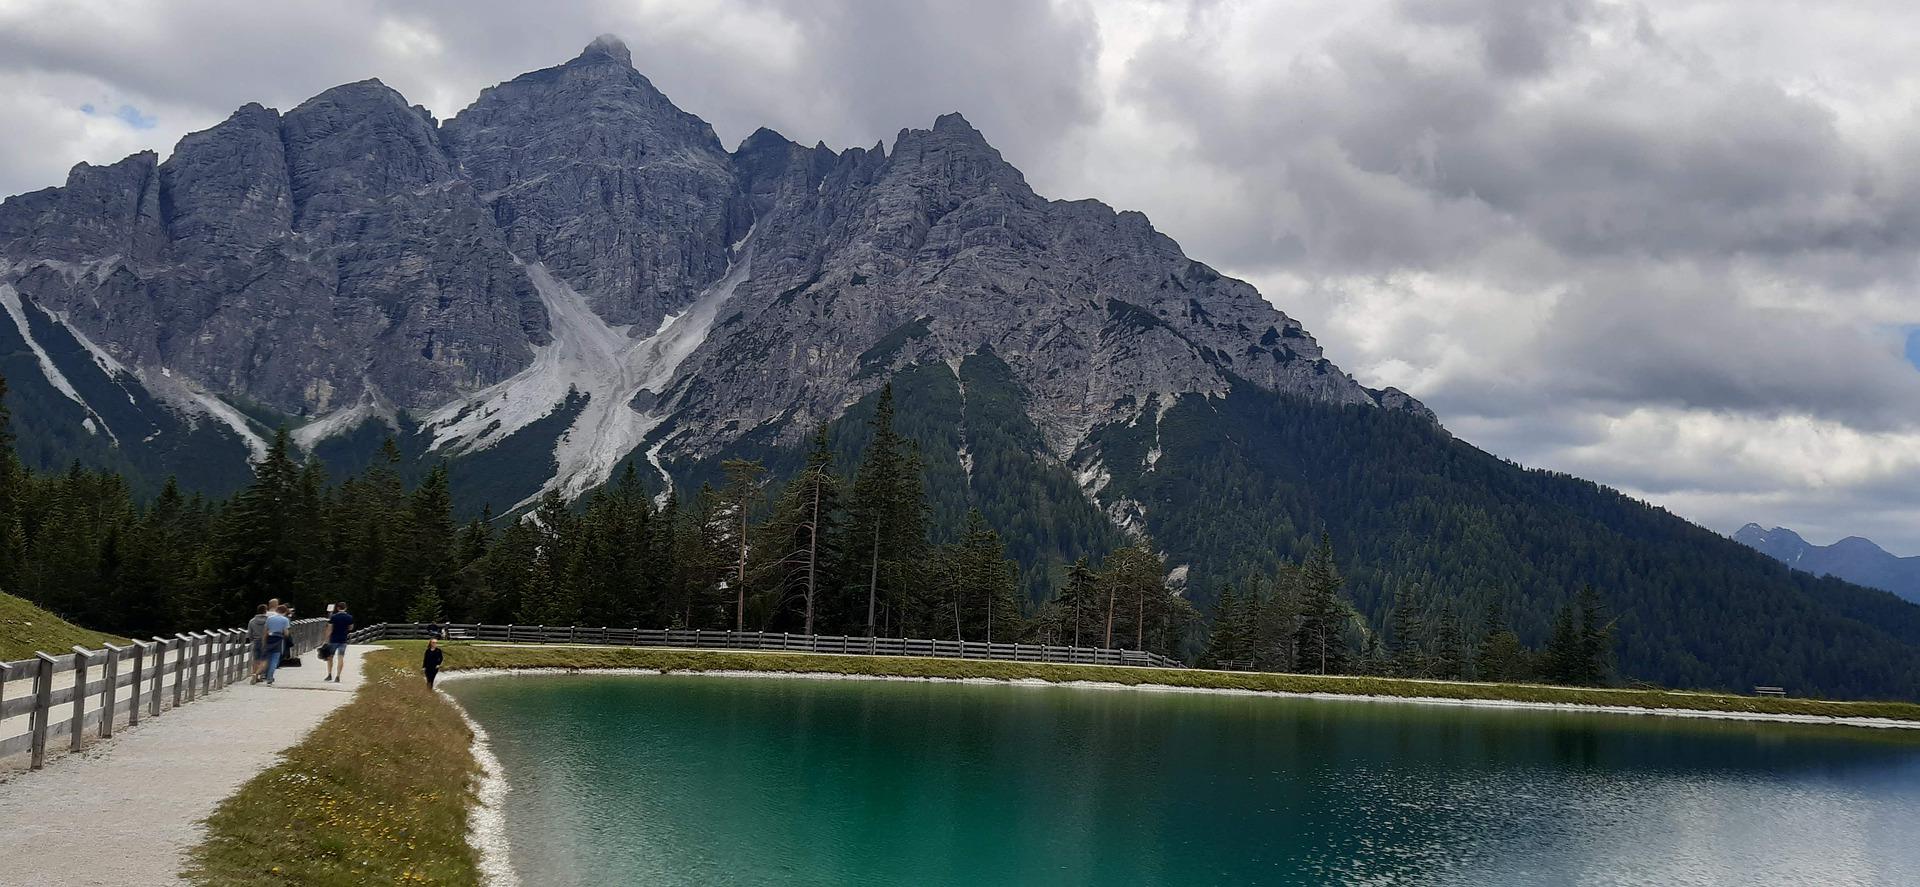 ماذا يحدث لو زالت الجبال عن سطح الارض